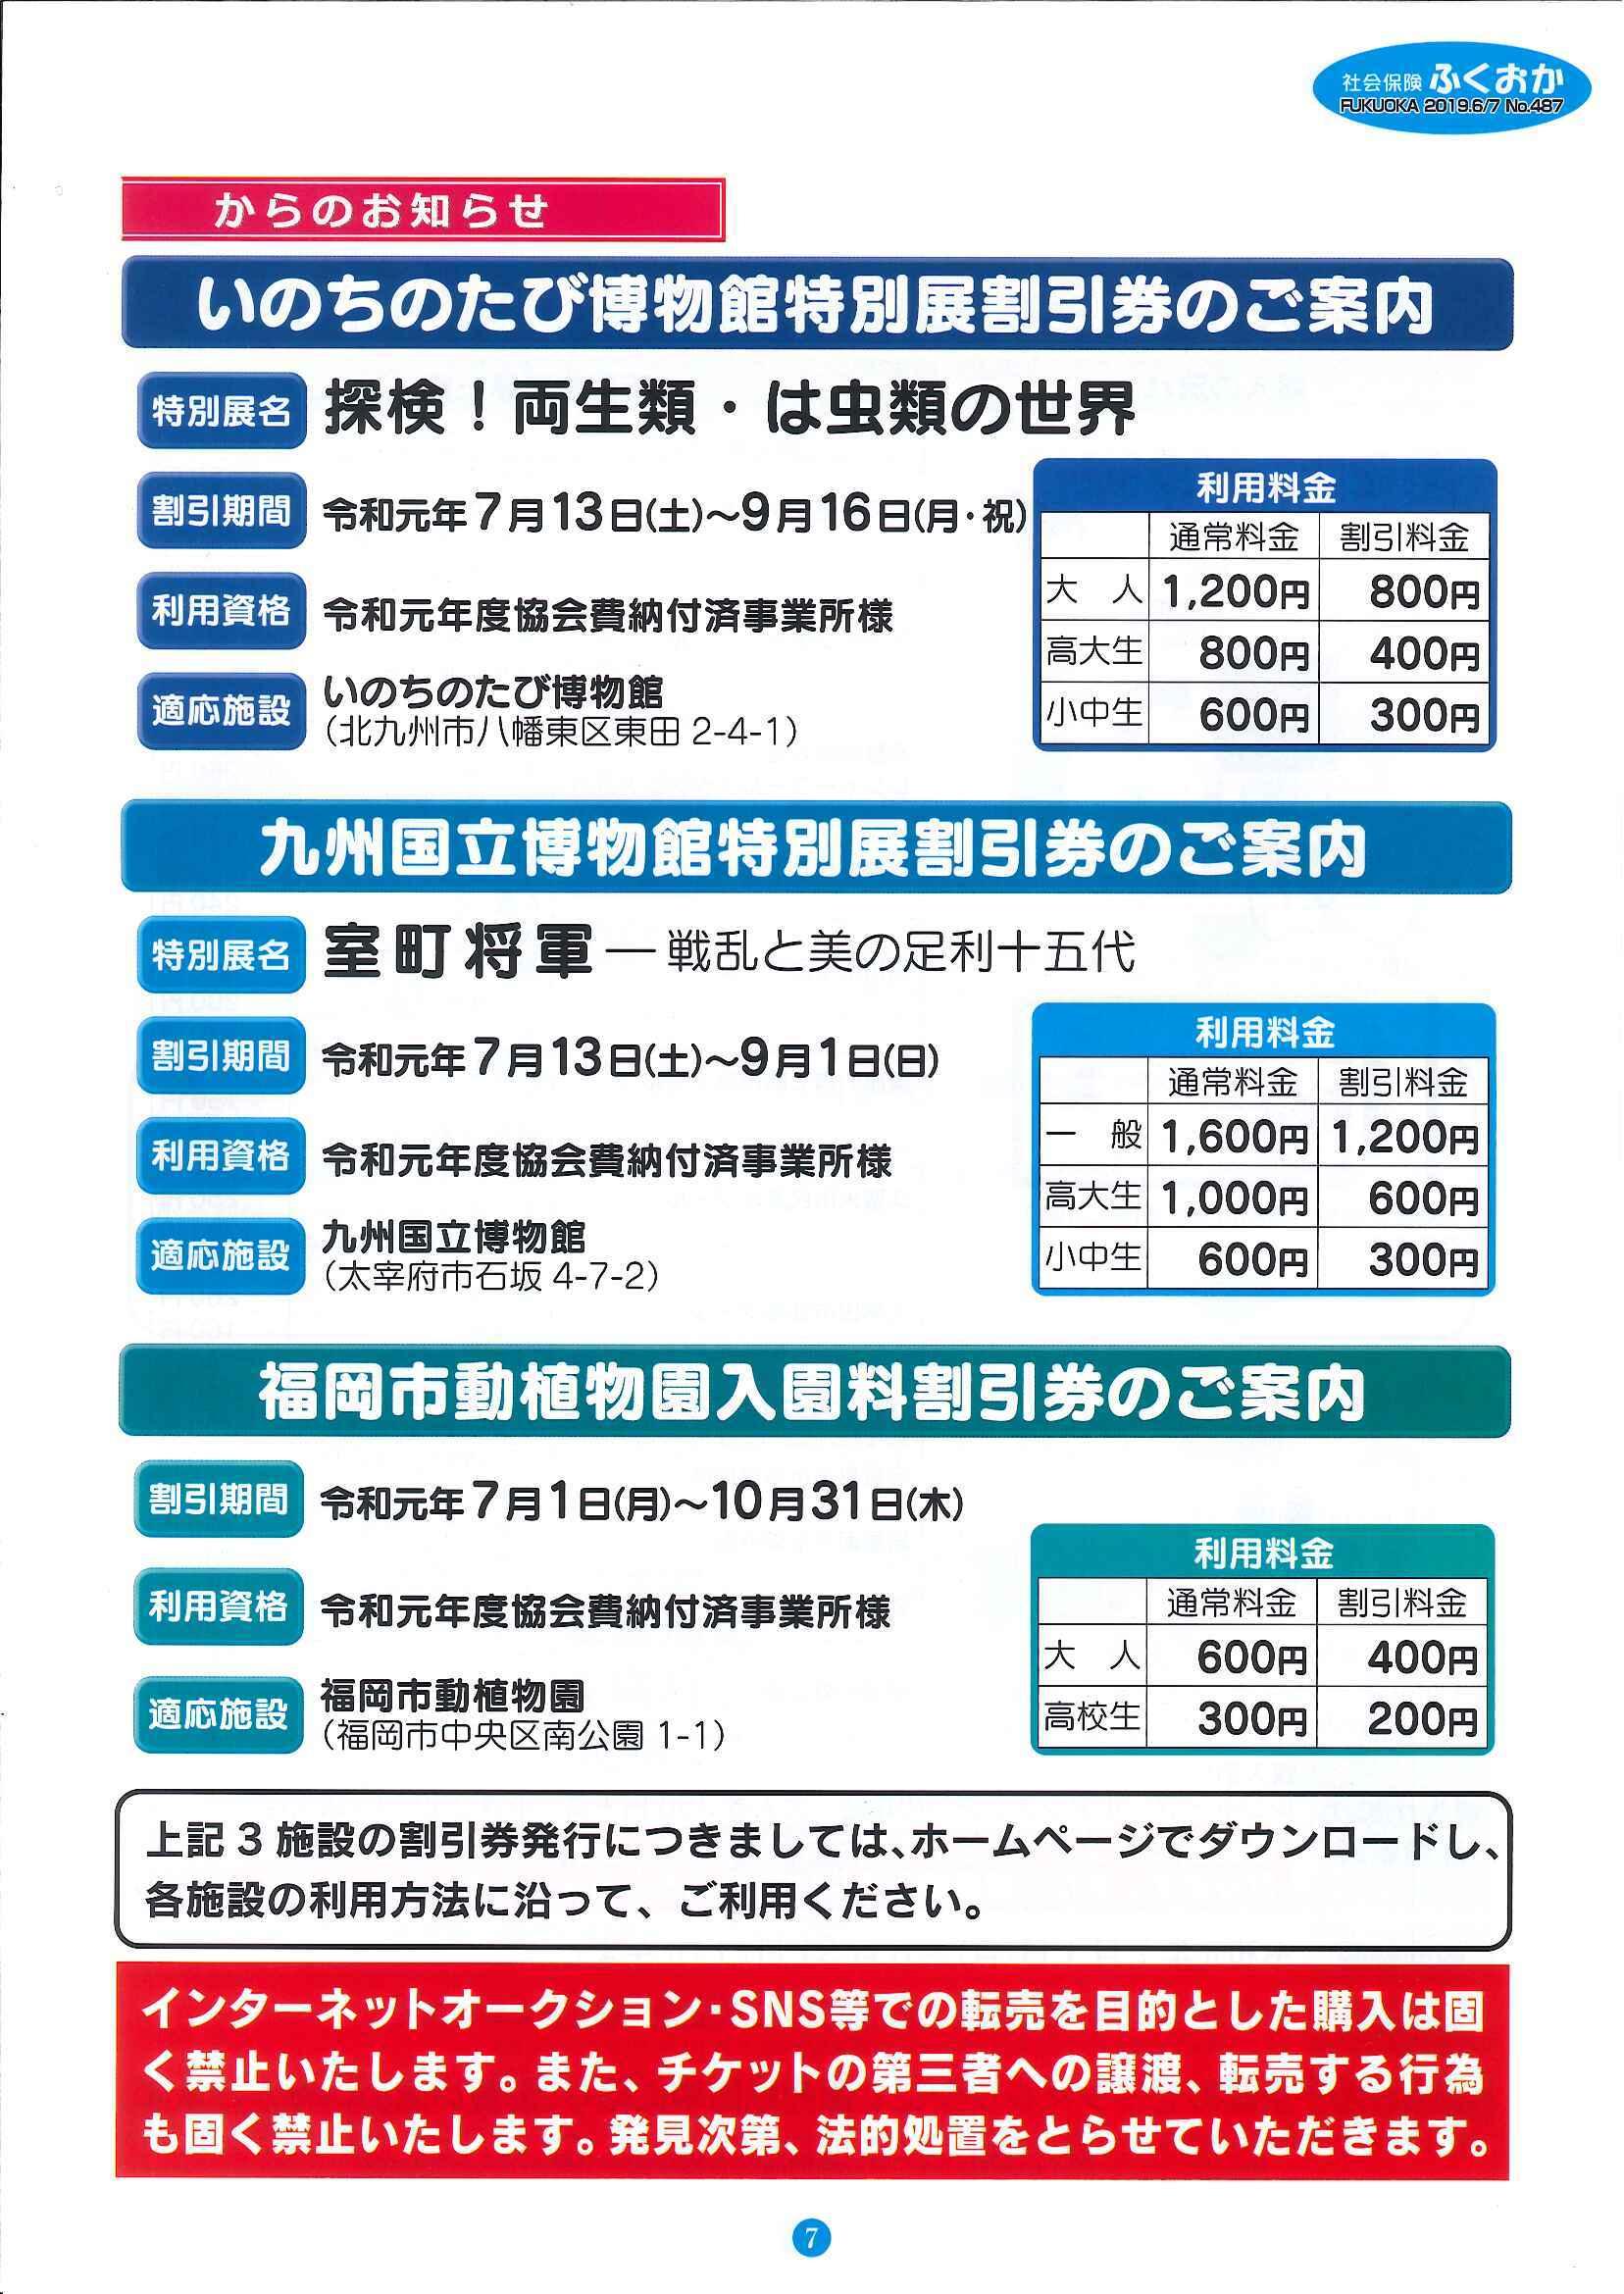 社会保険「ふくおか」2019年6・7月号_f0120774_11202442.jpg